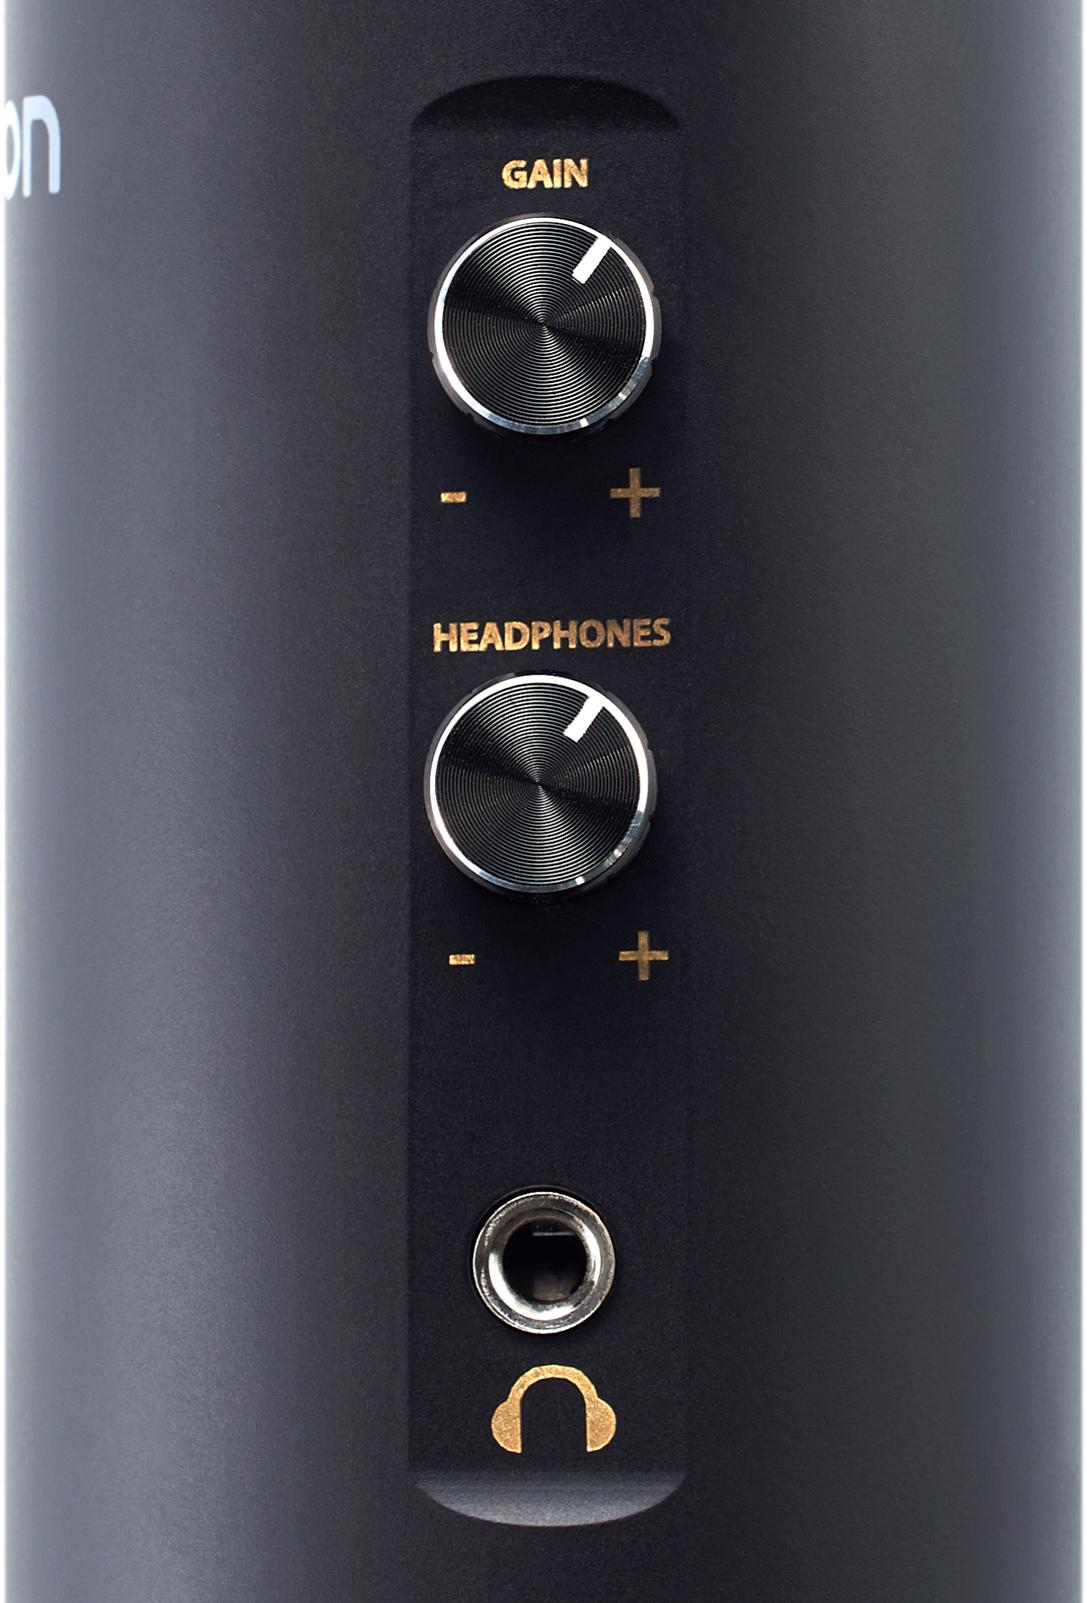 Microphone USB pour streaming professionnel et autres applications - Visuel#2tutu#4tutu#5